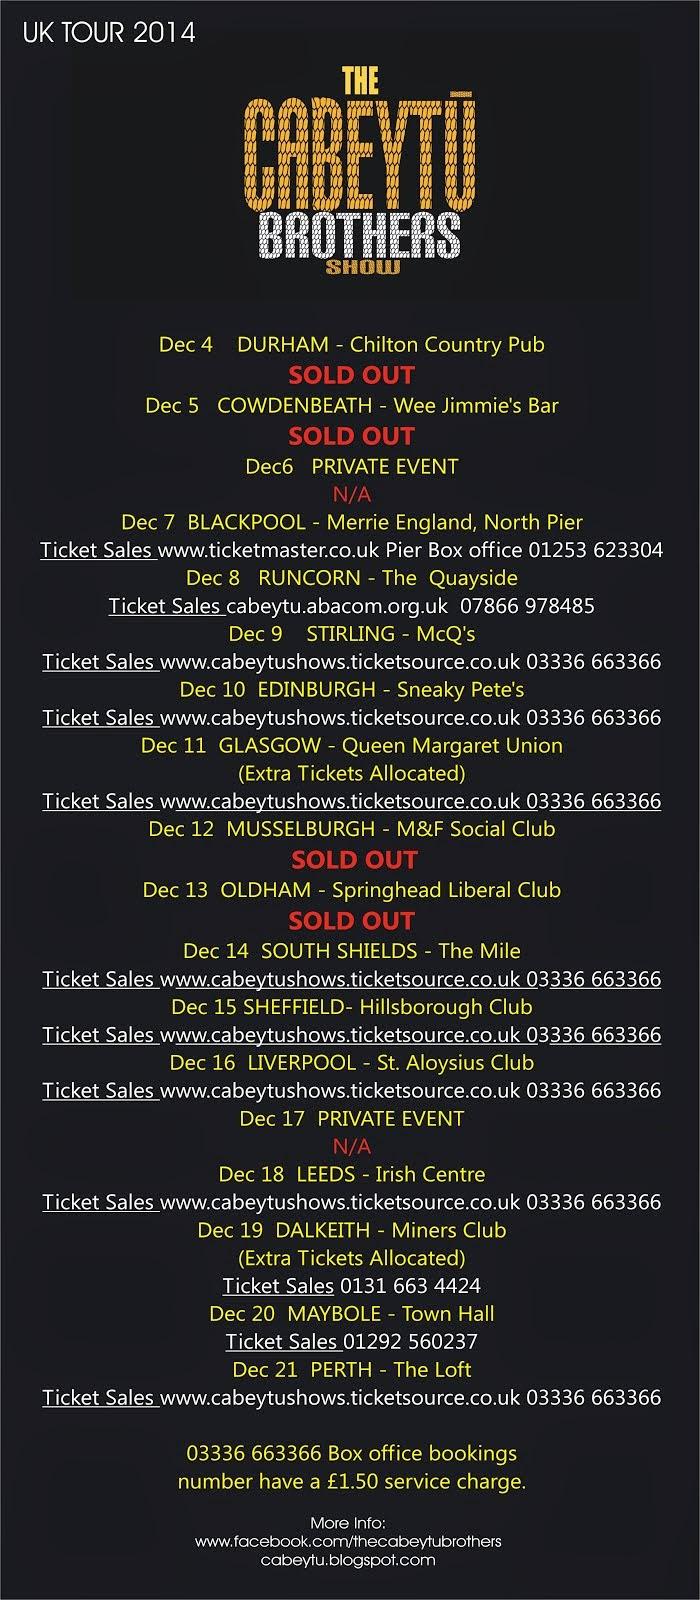 Tour UK 2014 - December